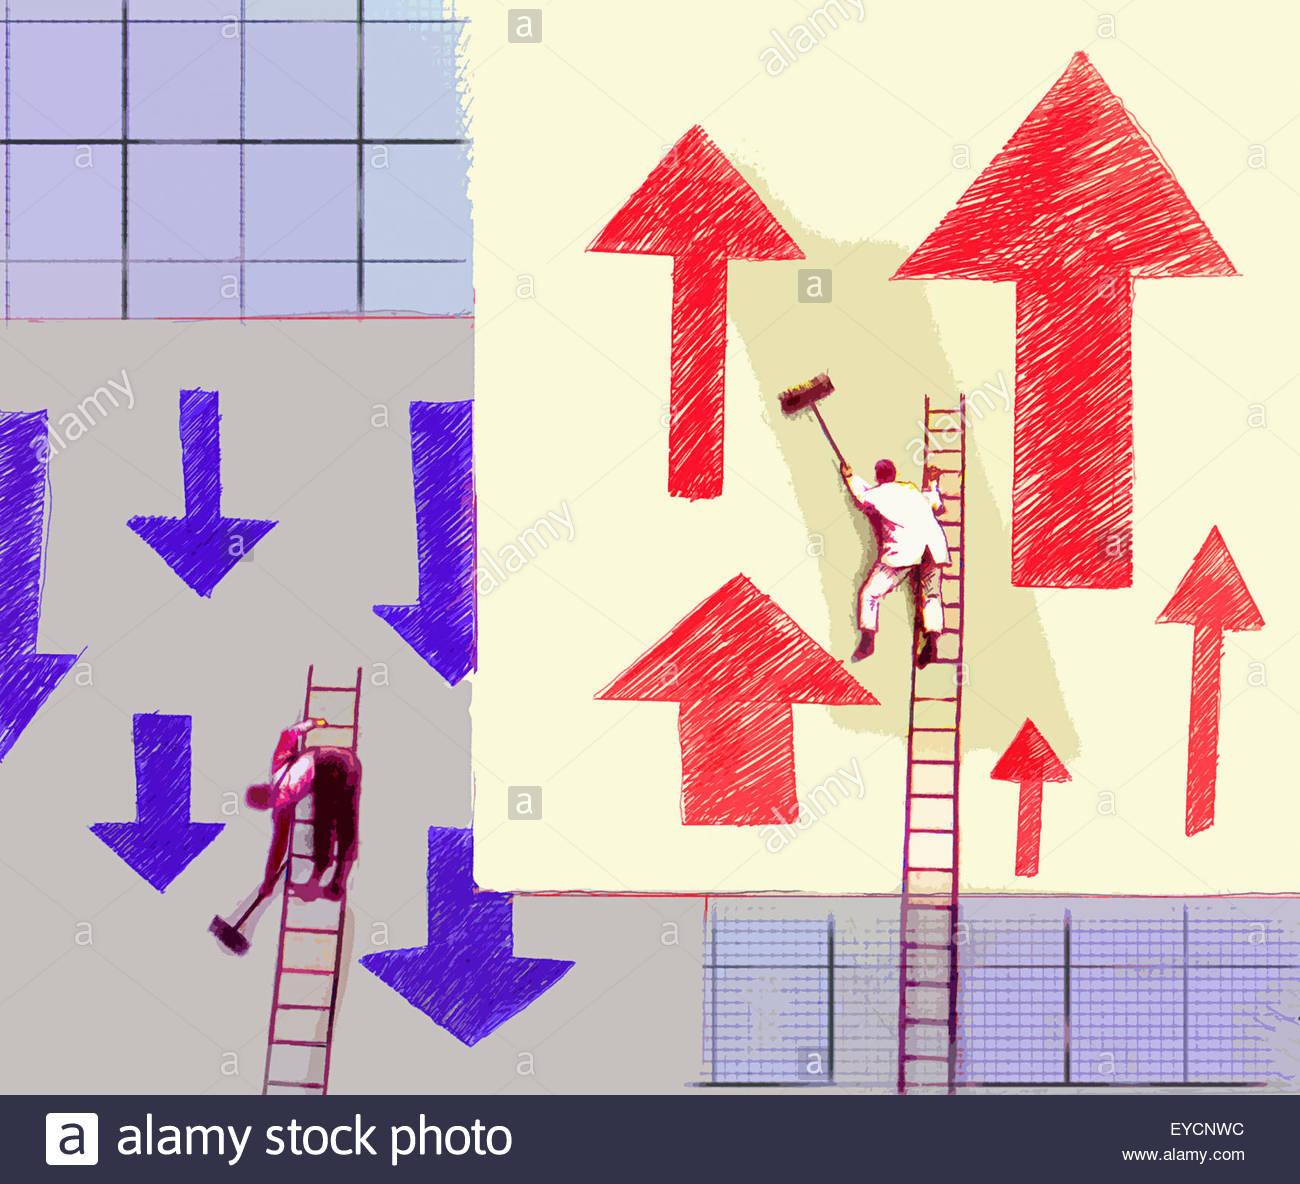 Arbeiter einfügen Plakat Poster mit Pfeilen, die in entgegengesetzte Richtungen zu gehen Stockbild